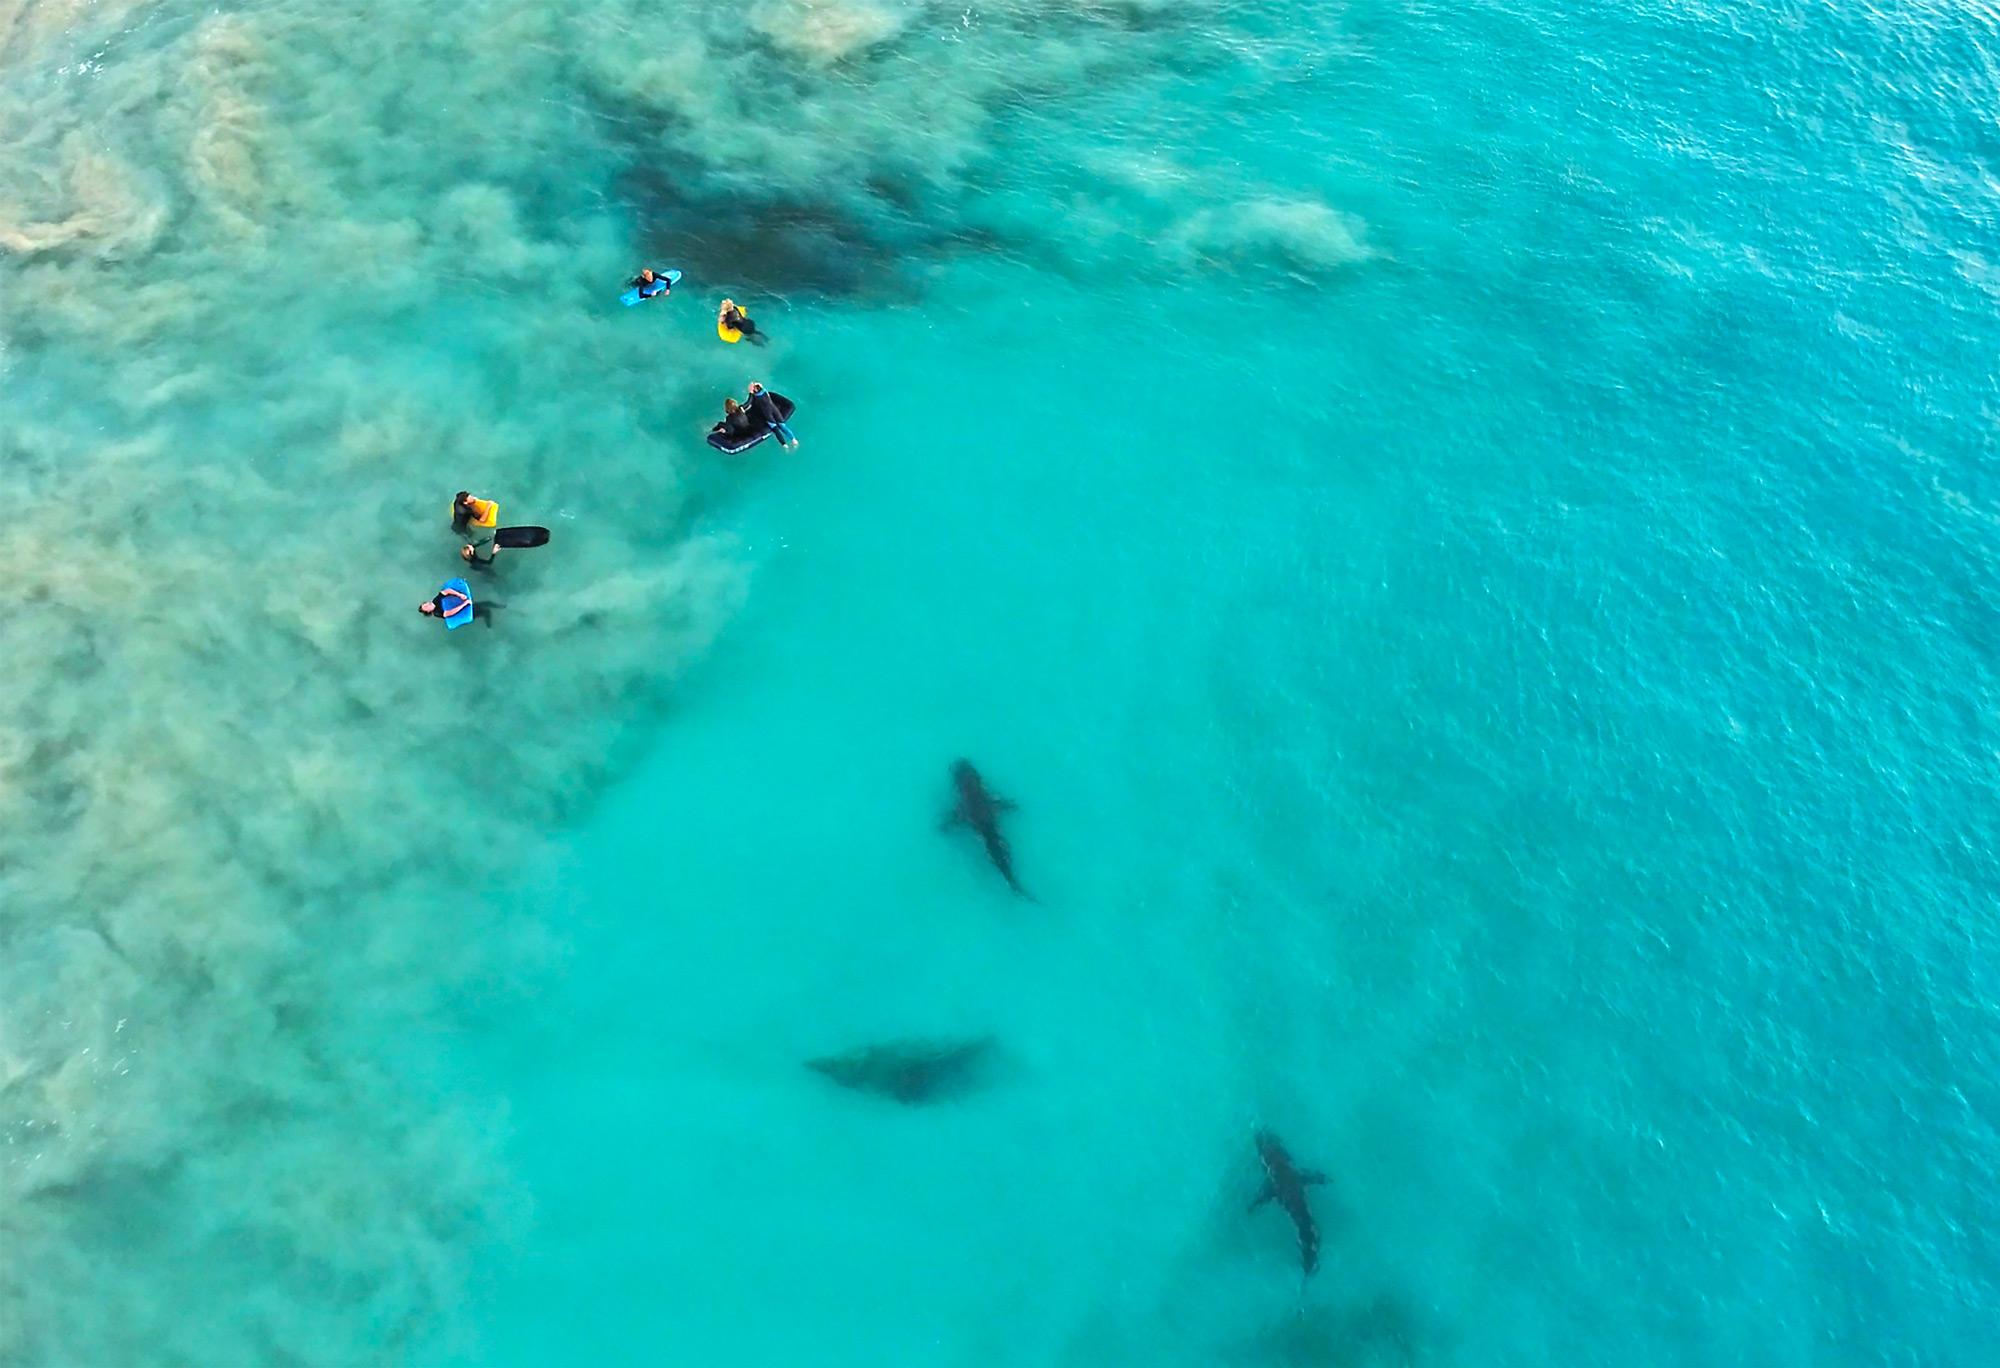 najlepsze zdjęcia rekinów Sean Scott